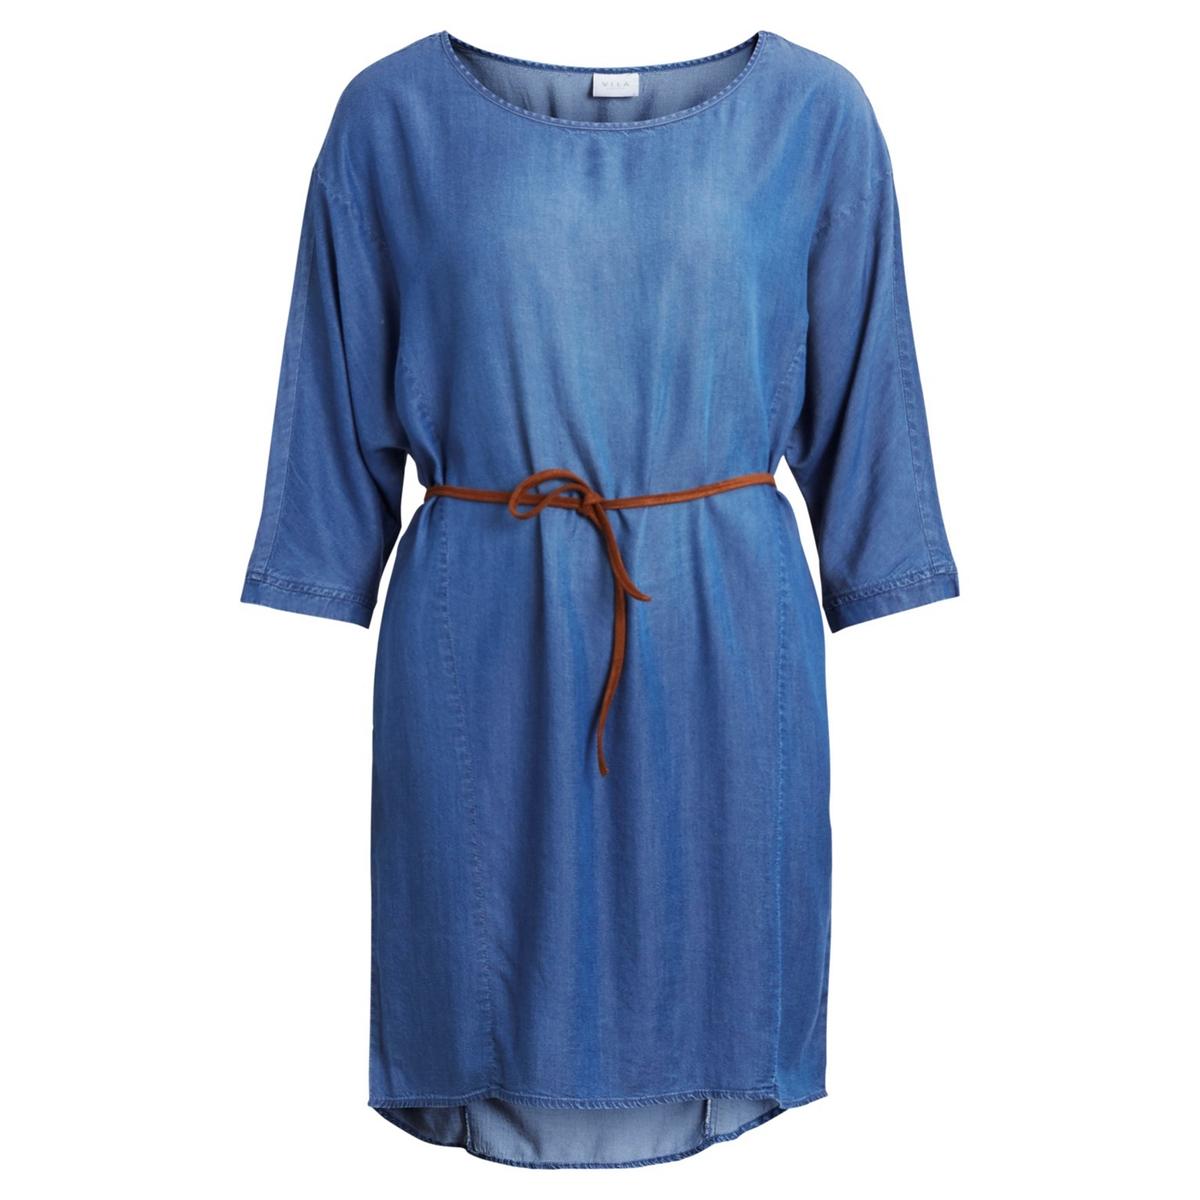 Платье однотонное расклешенного и короткого покроя с рукавами 3/4Описание:Детали •  Форма : расклешенная •  Укороченная модель •  Рукава 3/4    •  Вырез-лодочка Состав и уход •  40% вискозы, 60% лиоцелла •  Следуйте советам по уходу, указанным на этикетке<br><br>Цвет: темно-синий